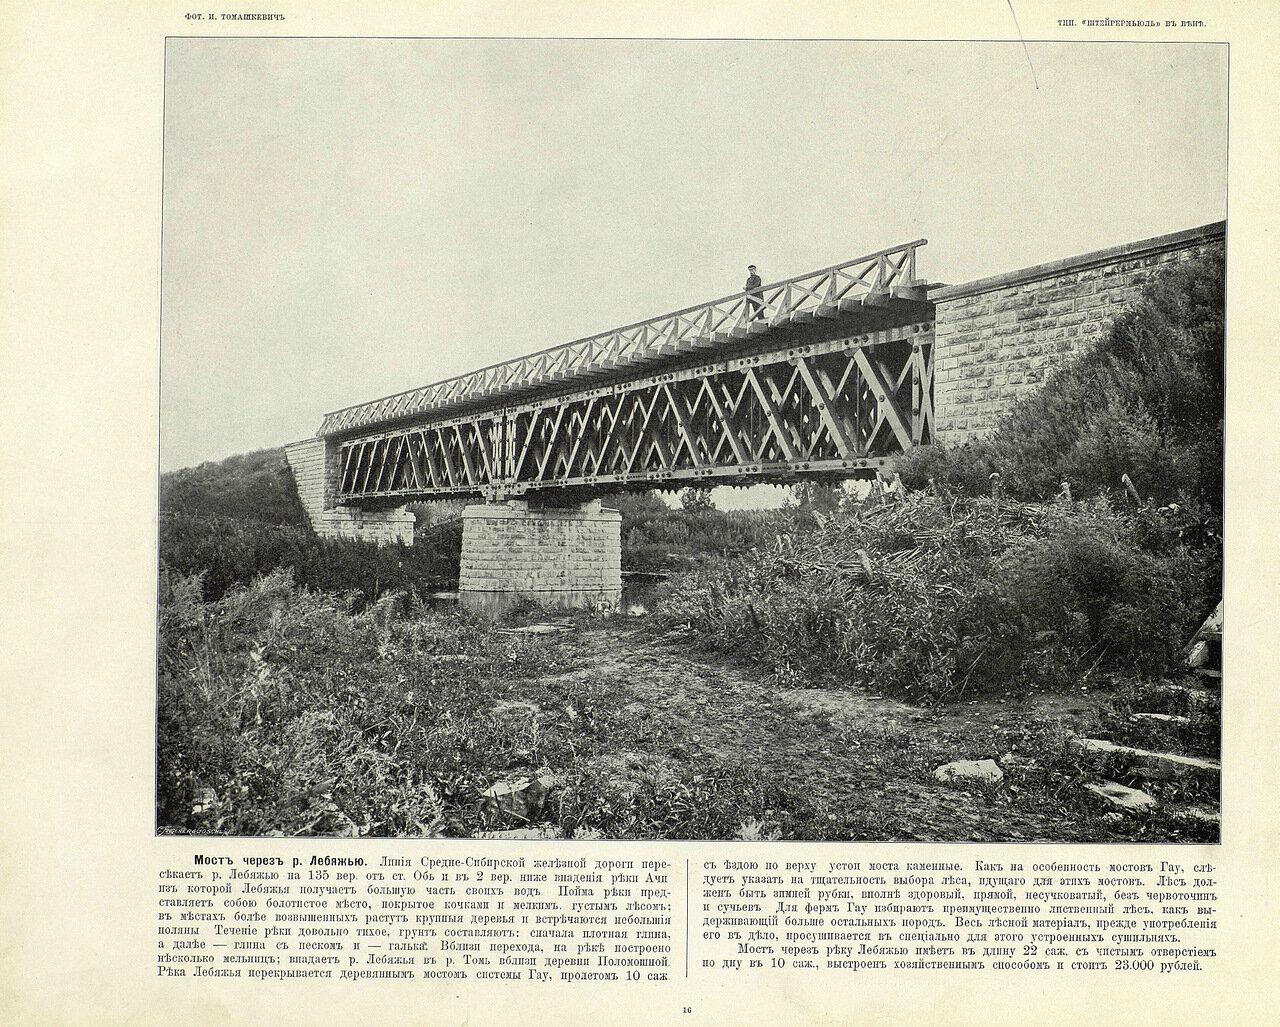 16. Мост через Лебяжью